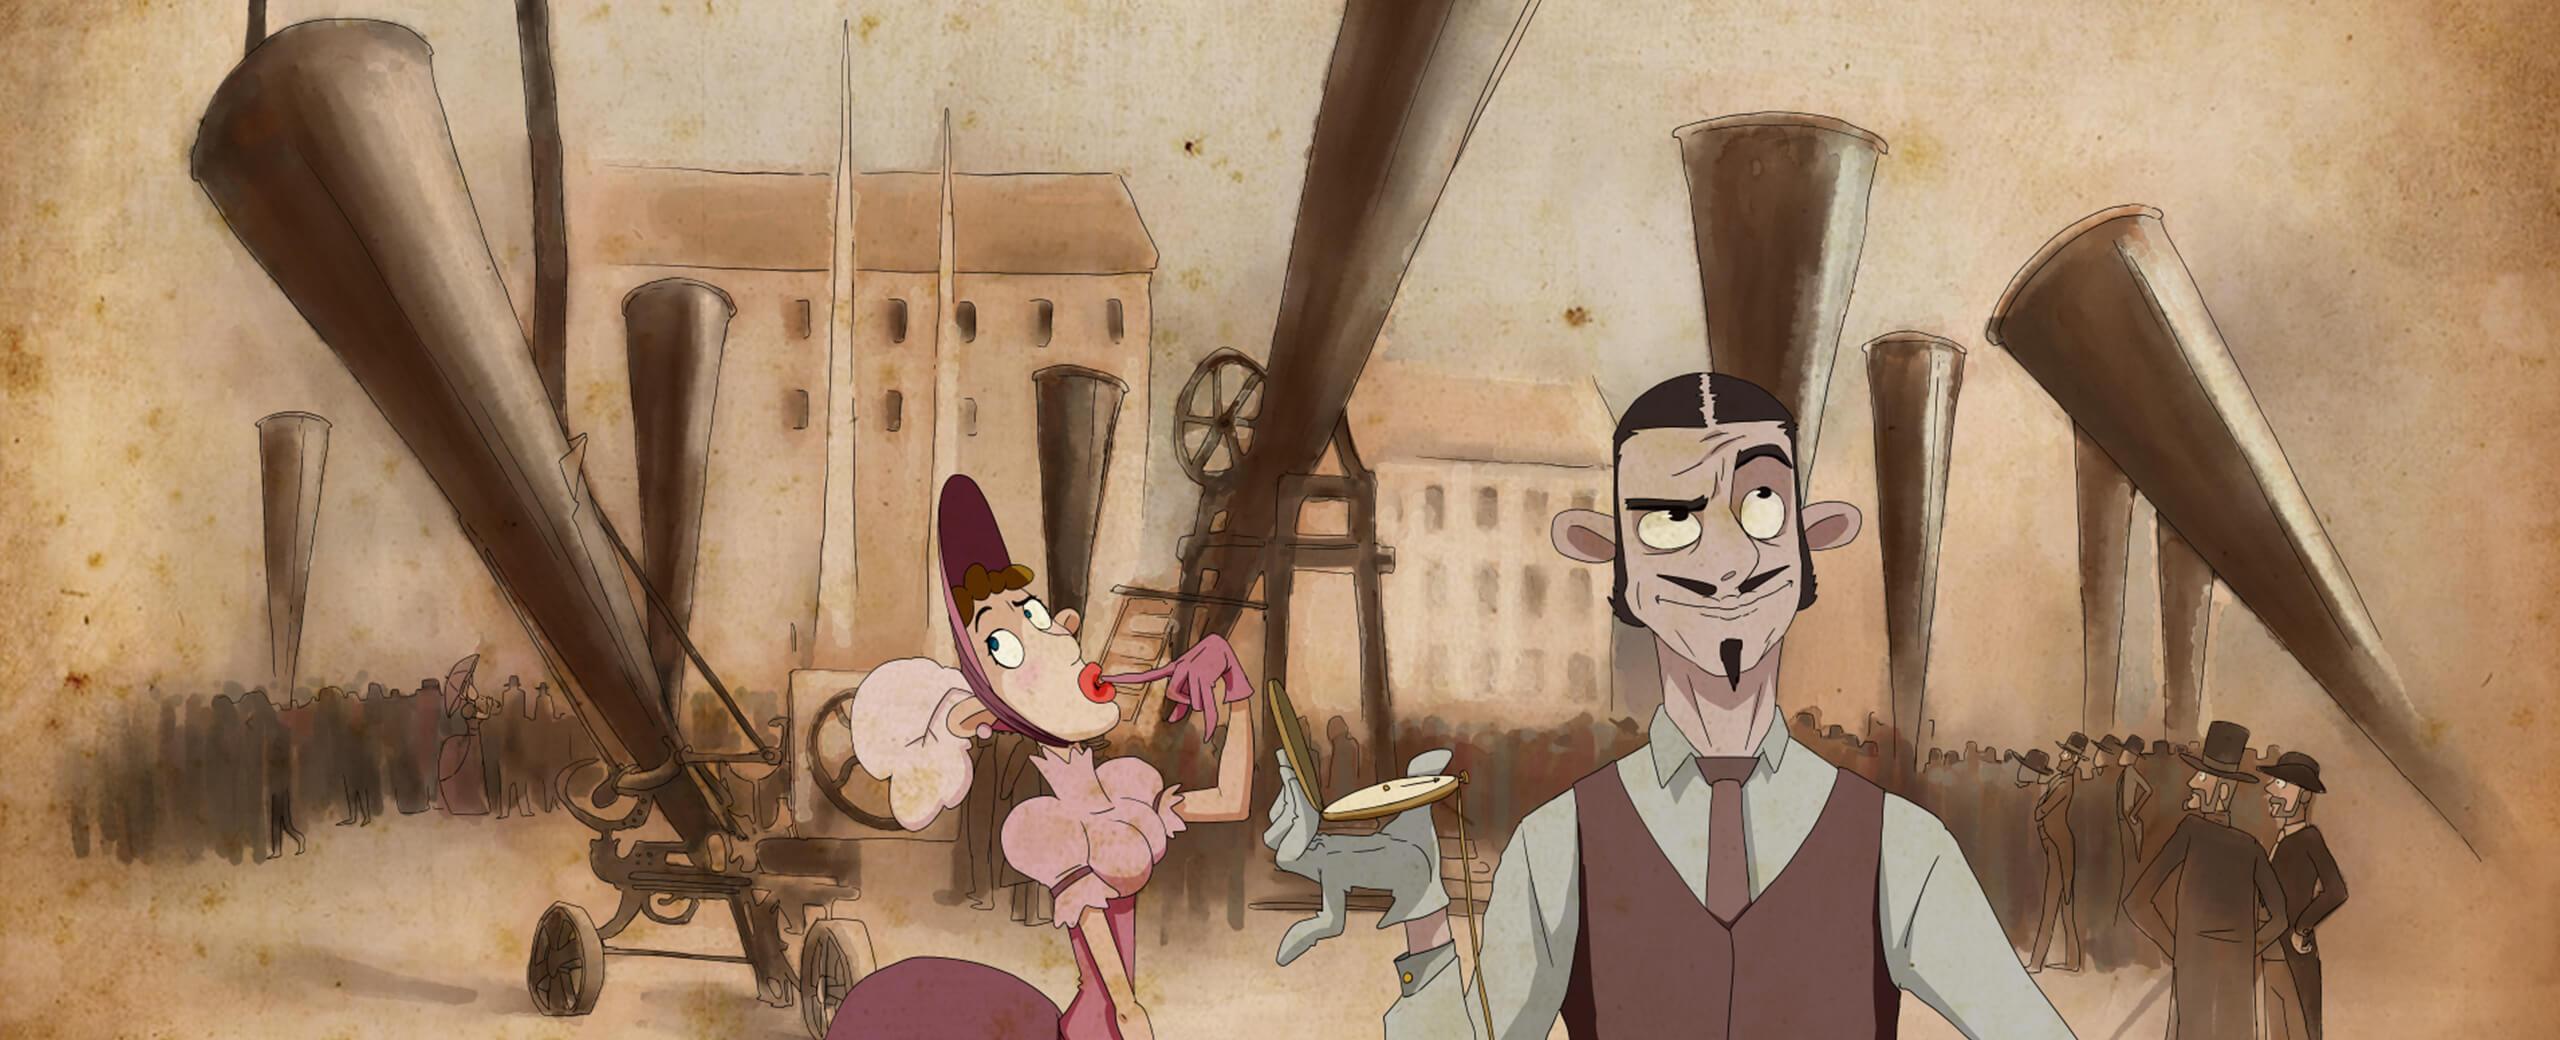 Eine Comic Zeichnung, die amüsant zeigt wie man mit Kanonen in die Luft schiesst und damit versucht das Wetter zu beeinflussen. Zwei Characktere stehen im Vordergrund, der eine verzieht misstraurisch das Gesicht, zieht dabei eine Augenbraue hoch, das andere ist halb geschlossen. Die zweite Figur, eine Dame im rosa Kleid im alten Stil, schaut mit zu einem O gespitzten Lippen erstaunt in den Himmel. Im Hintergrund des Zeichentrick-Bilds ist eine Fabrik zu sehen.